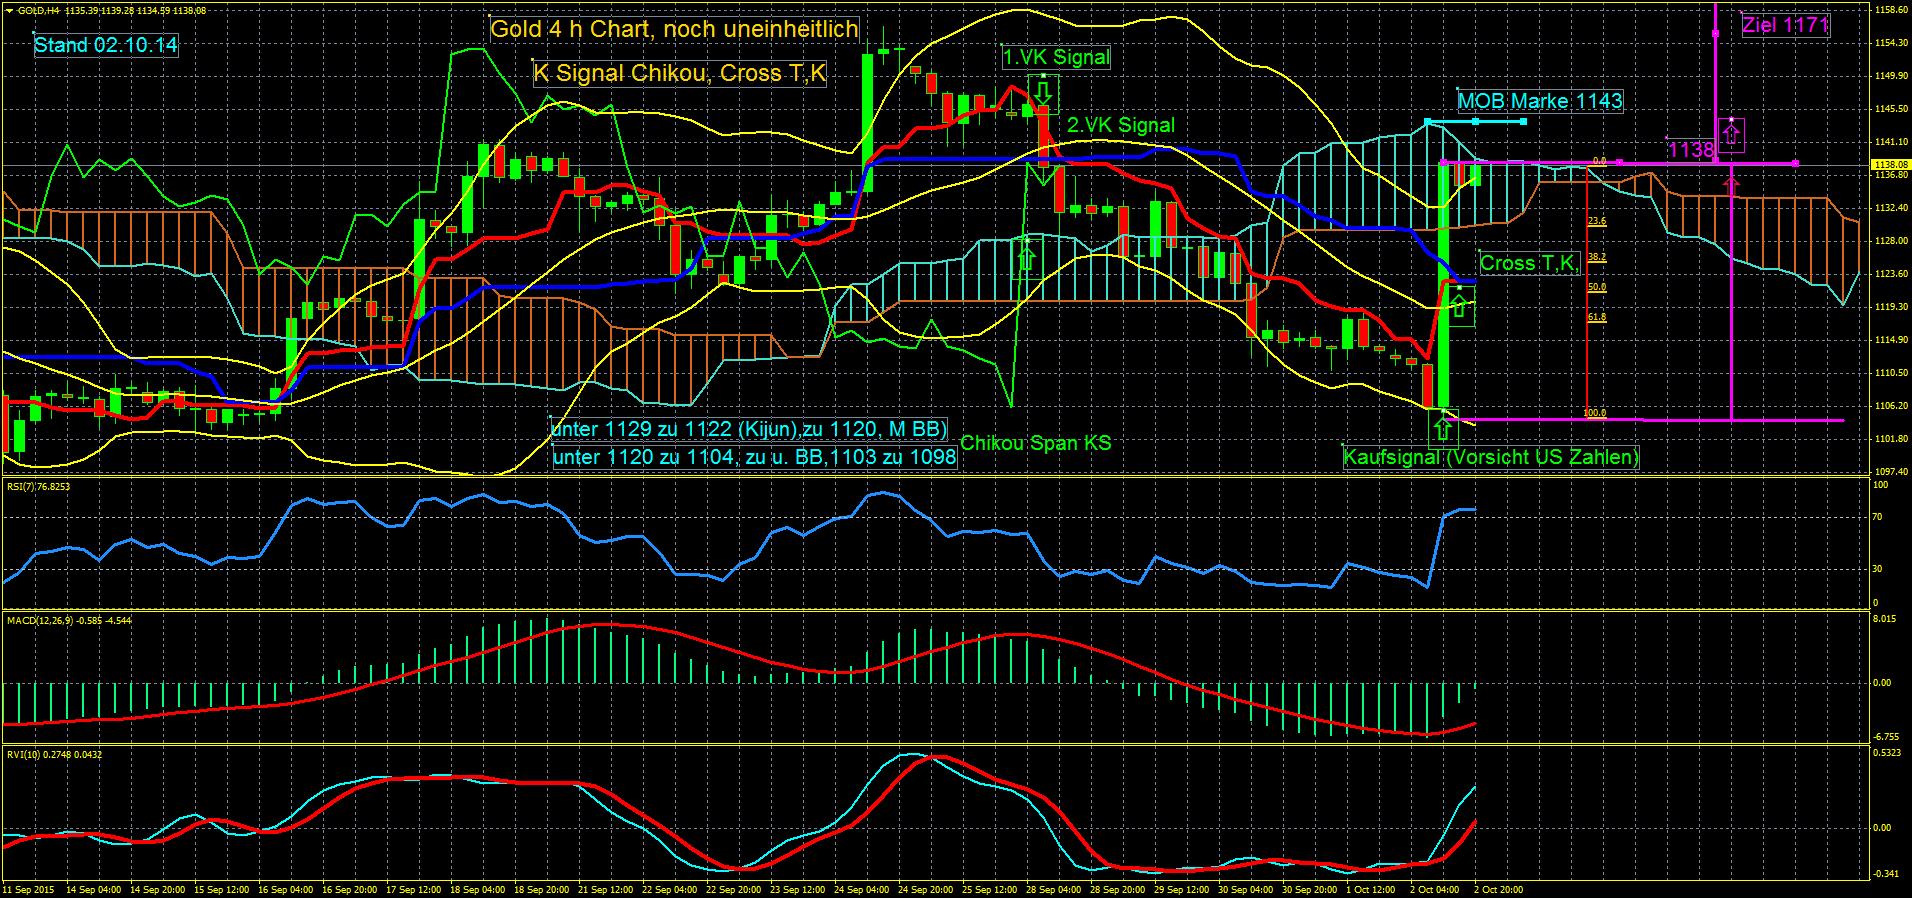 Dow-Jones-SP-500-Nasdaq-Dax-Gold-mit-Monsterkerze-welch-eine-Handelswoche-Achterbahn-vom-Feinsten-nichts-für-schwache-Nerven-Chartanalyse-Erich-Schmidt-GodmodeTrader.de-3